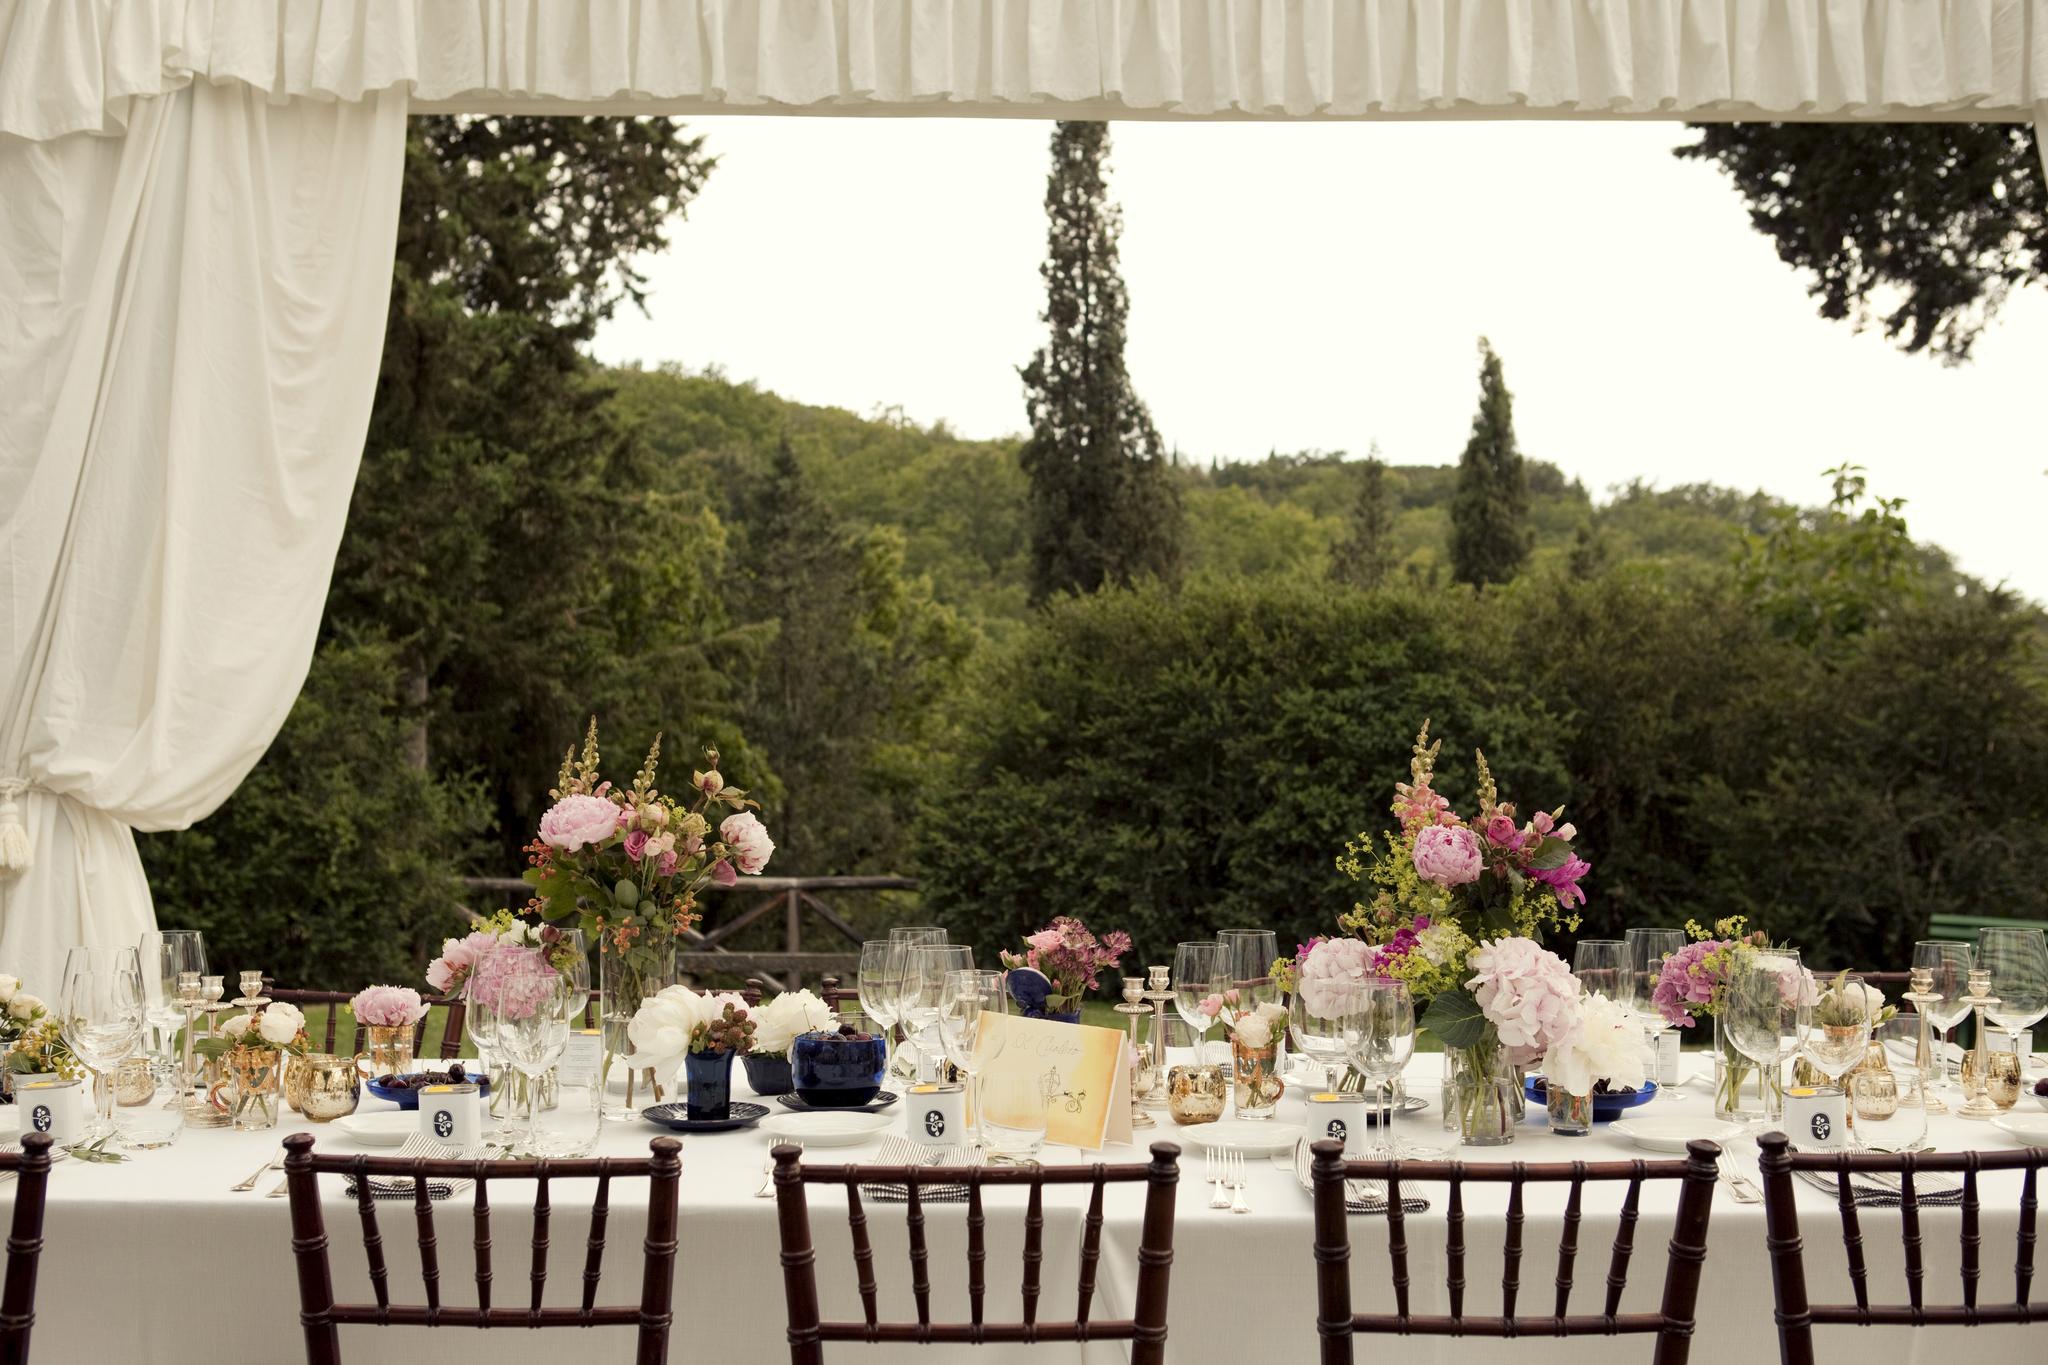 Mesa con cortina blanca, paisaje y vistas.